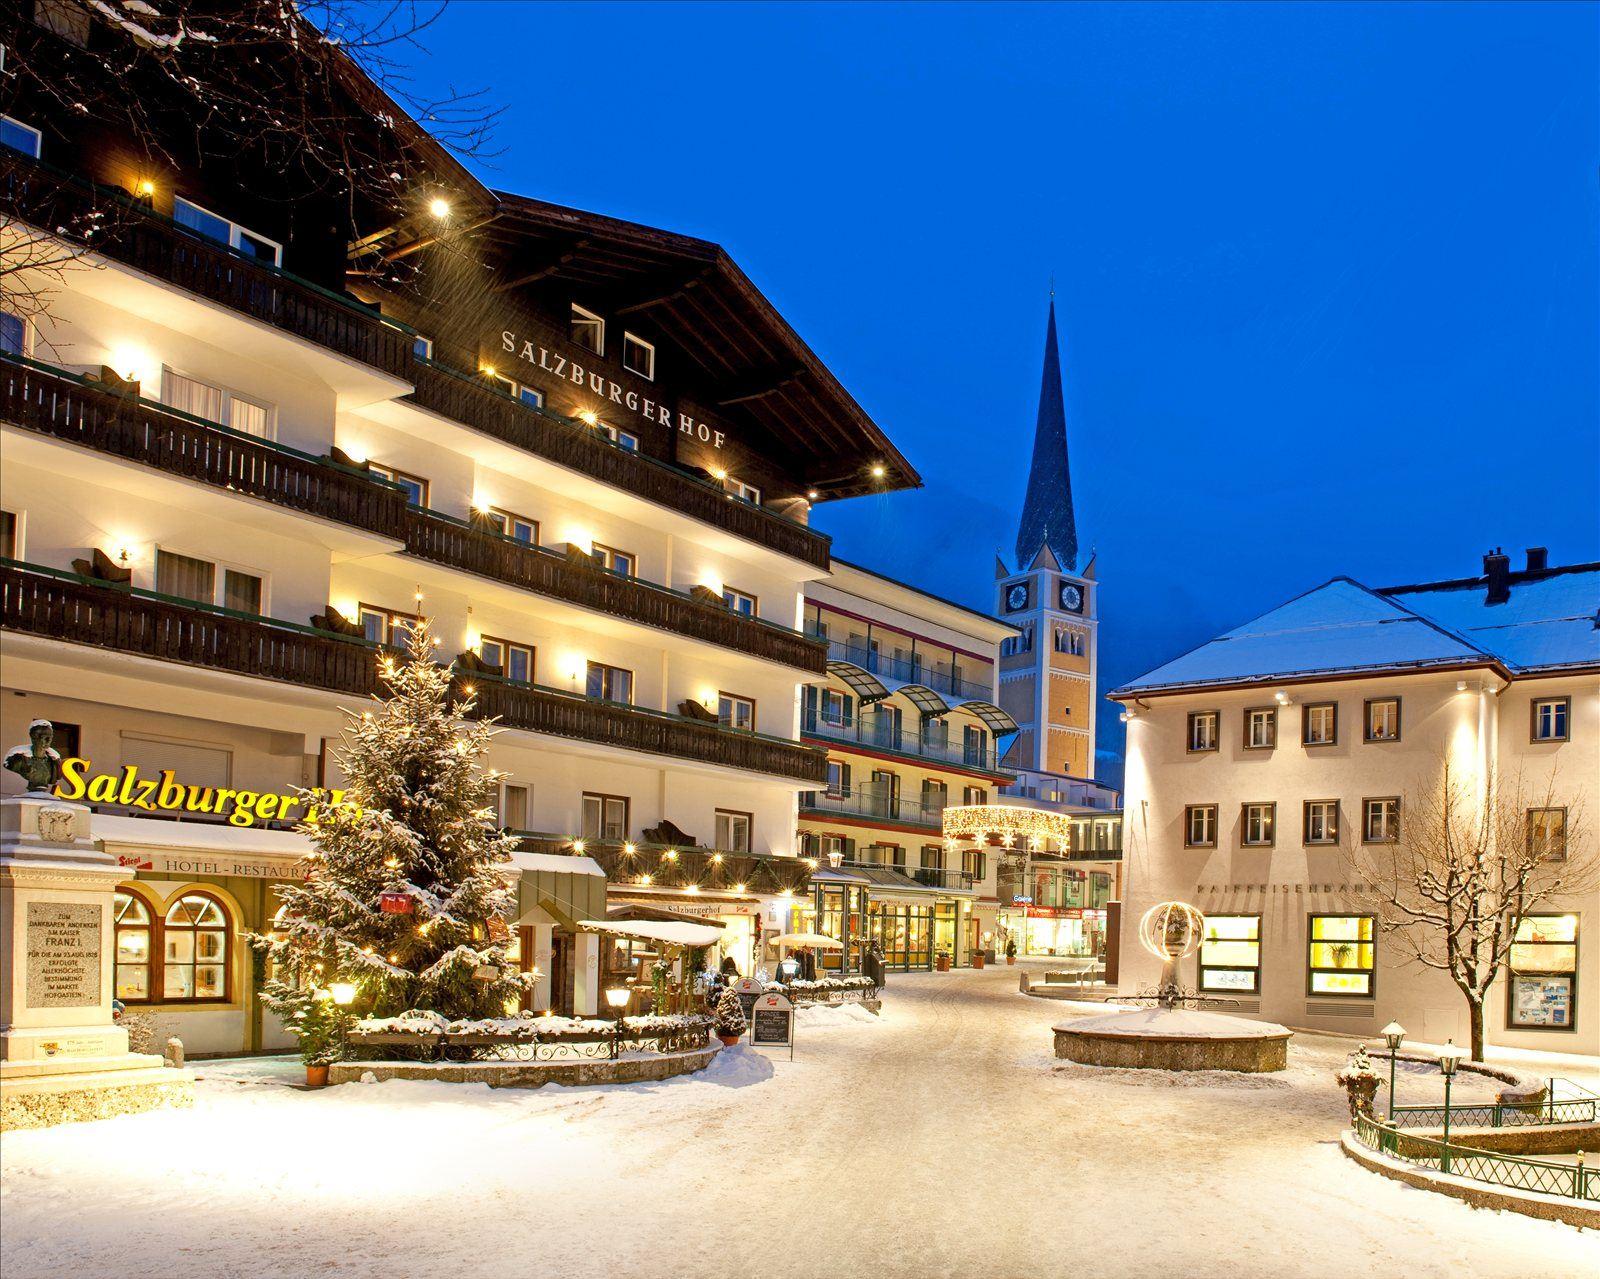 Der Salzburgerhof - Bad Hofgastein